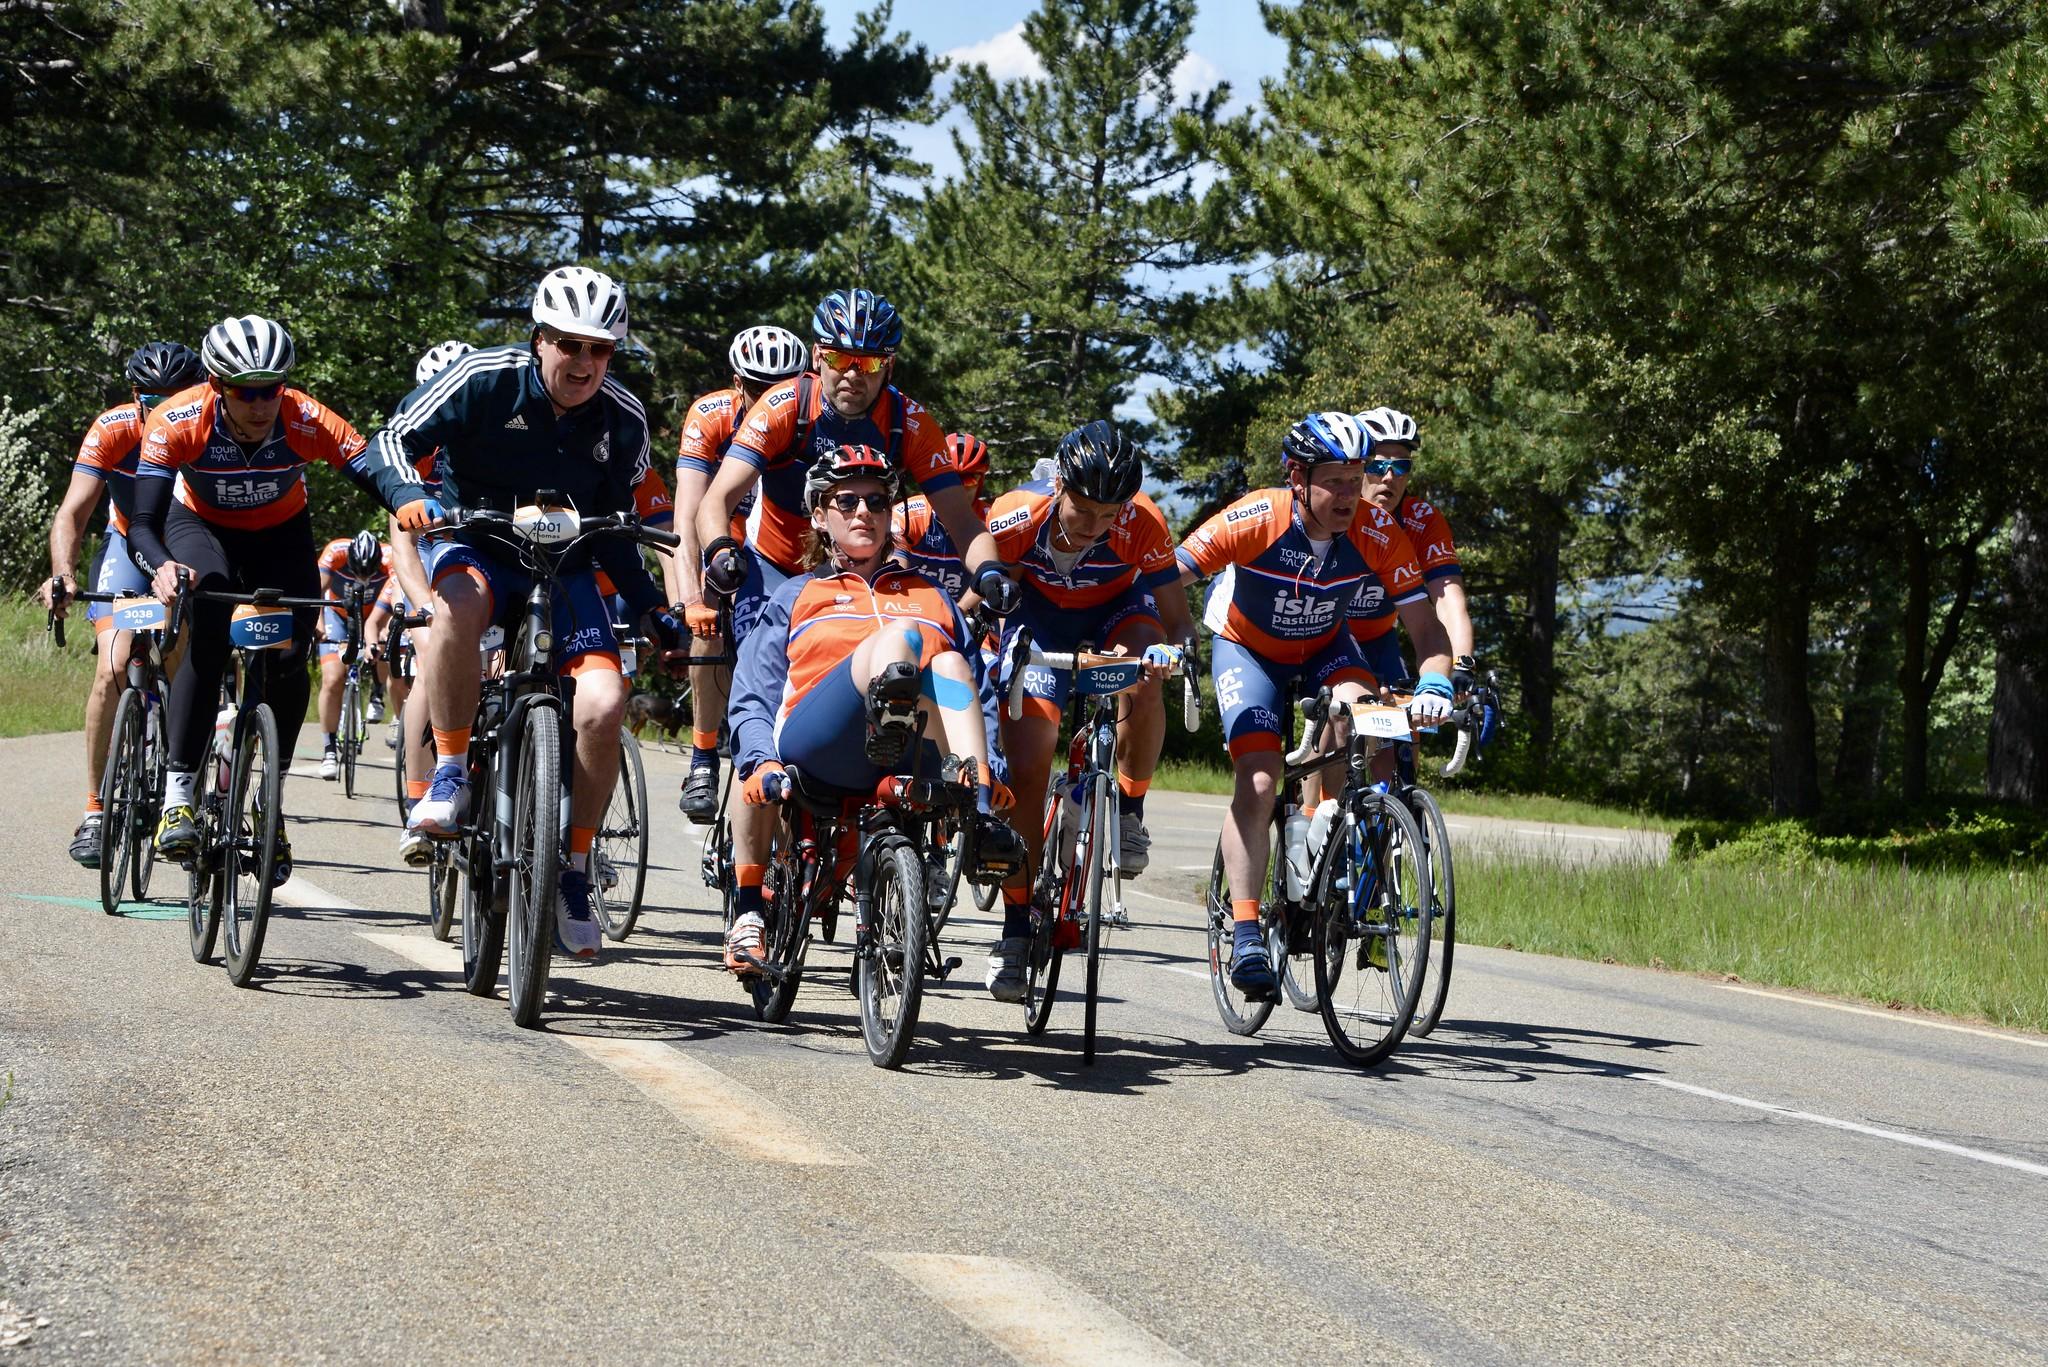 Team Marieke fietst naar de top met Thomas Acda als deelnemer